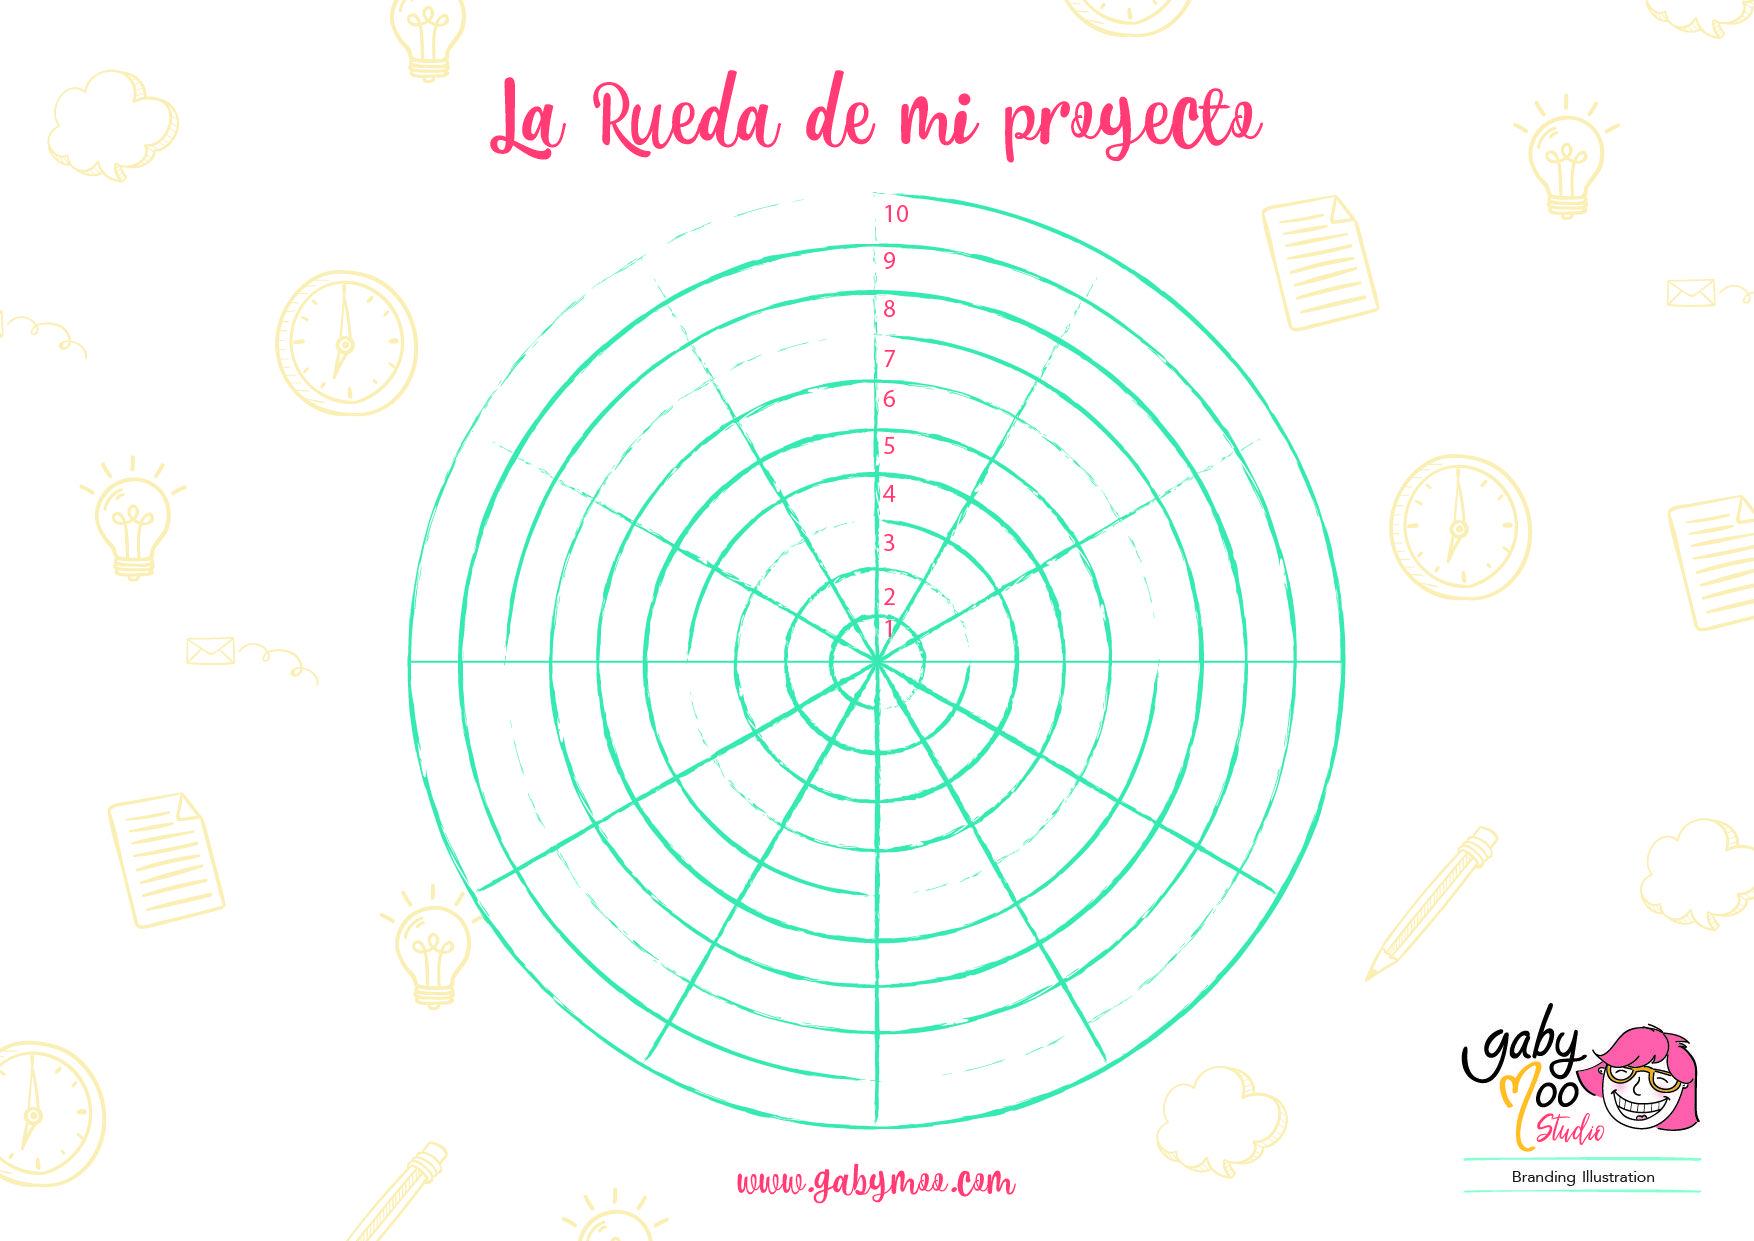 La rueda de tu proyecto GabyMoo Studio